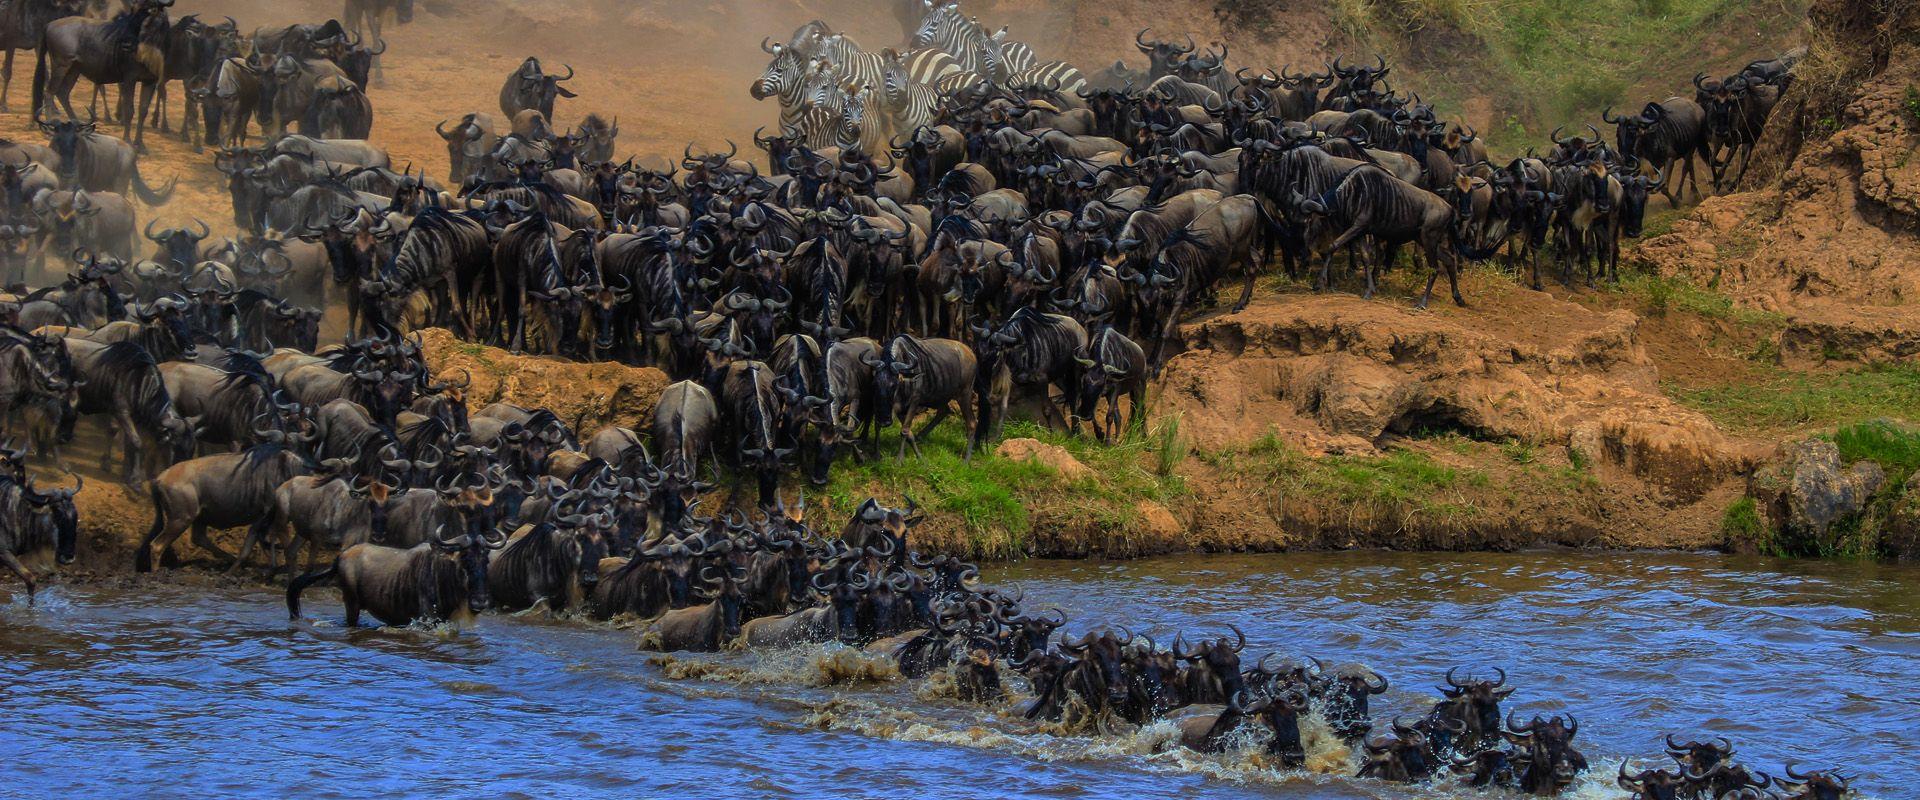 guado di gnu nel serengeti (tanzania) durante la grande migrazione